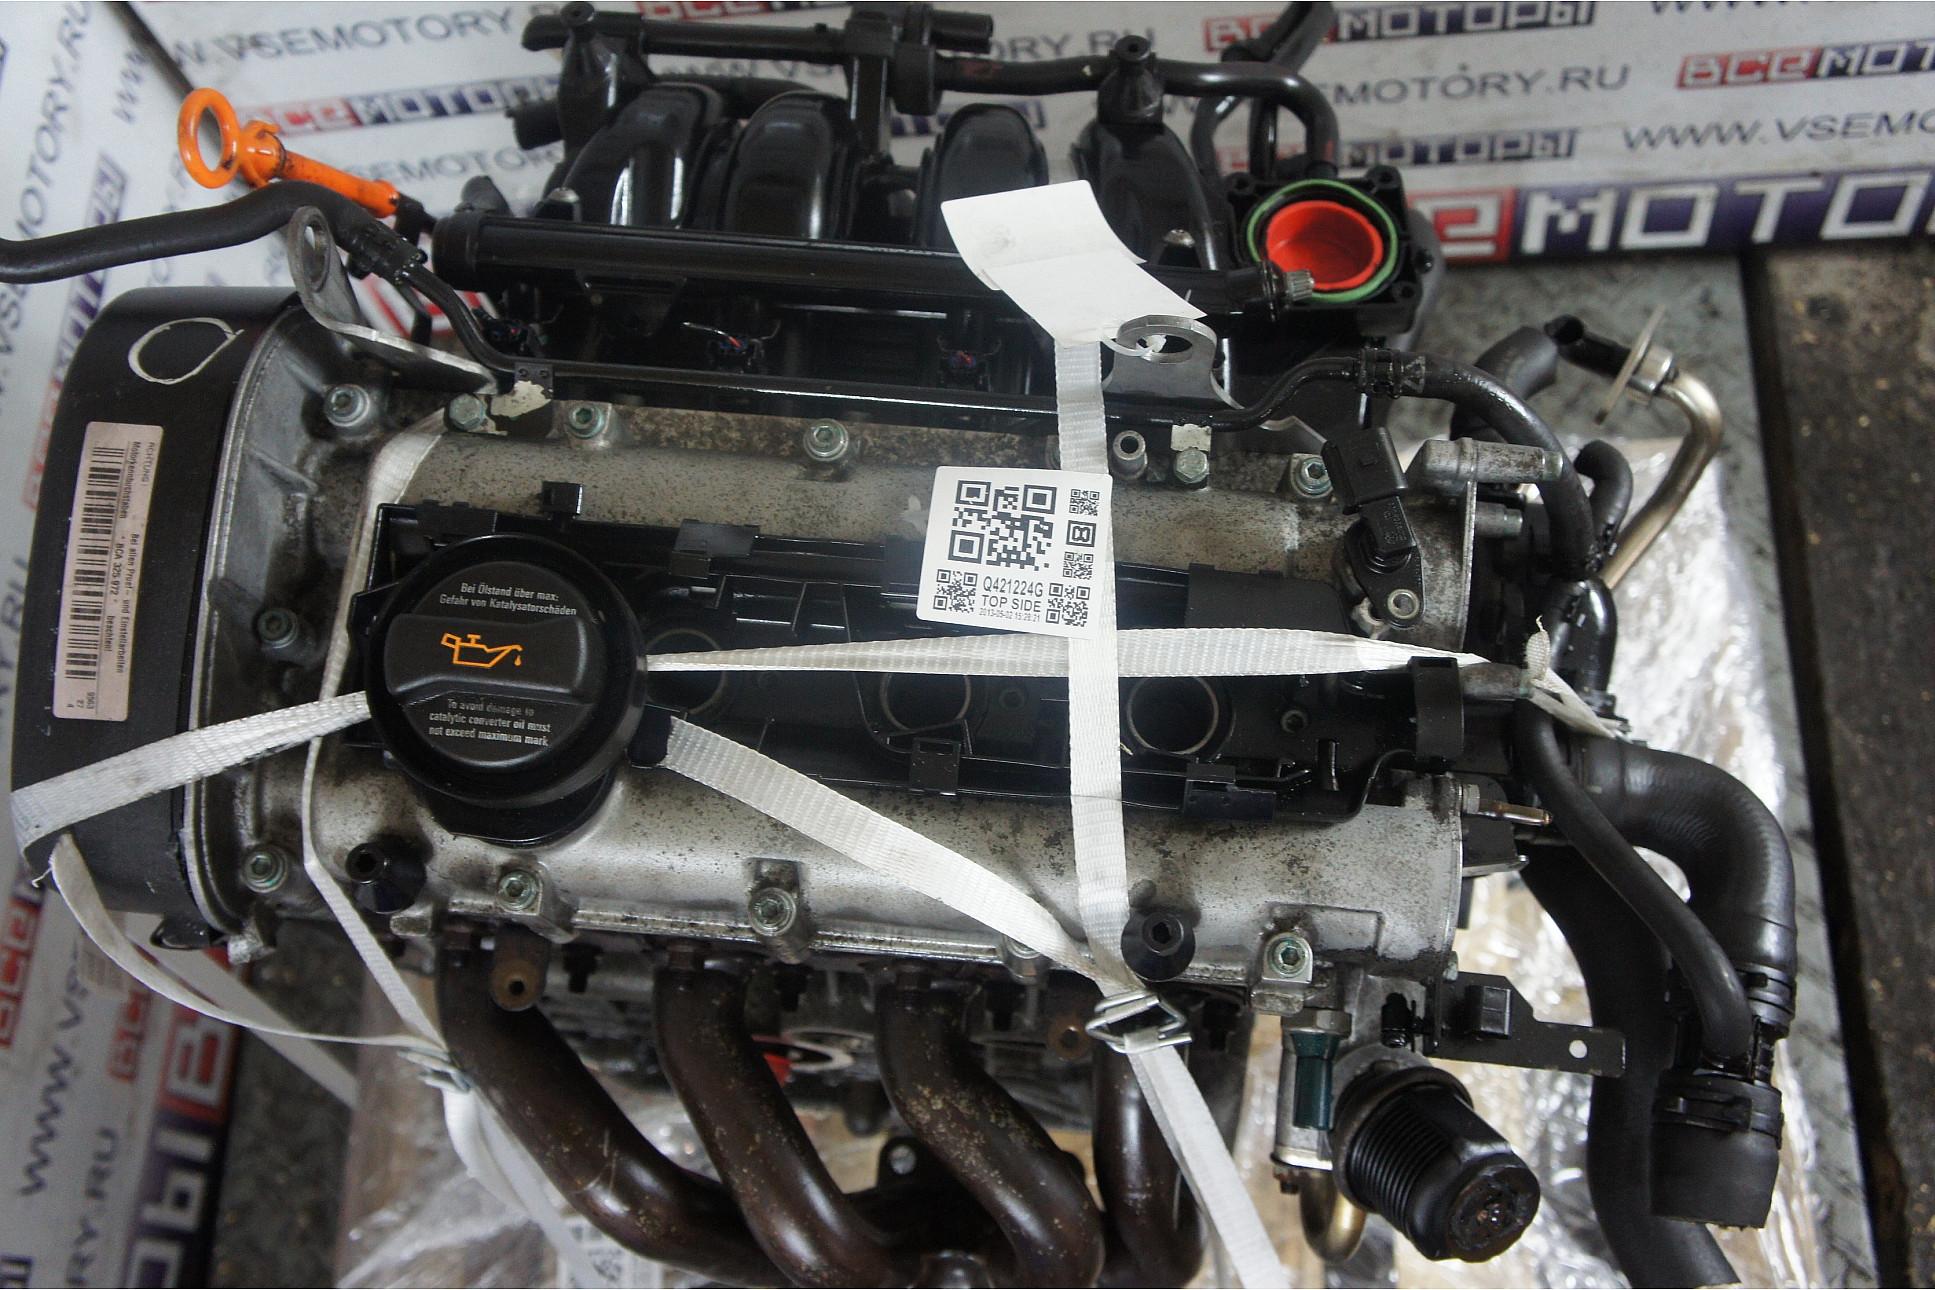 Ресурс двигателя на шкода октавия 1 4 4 фотография